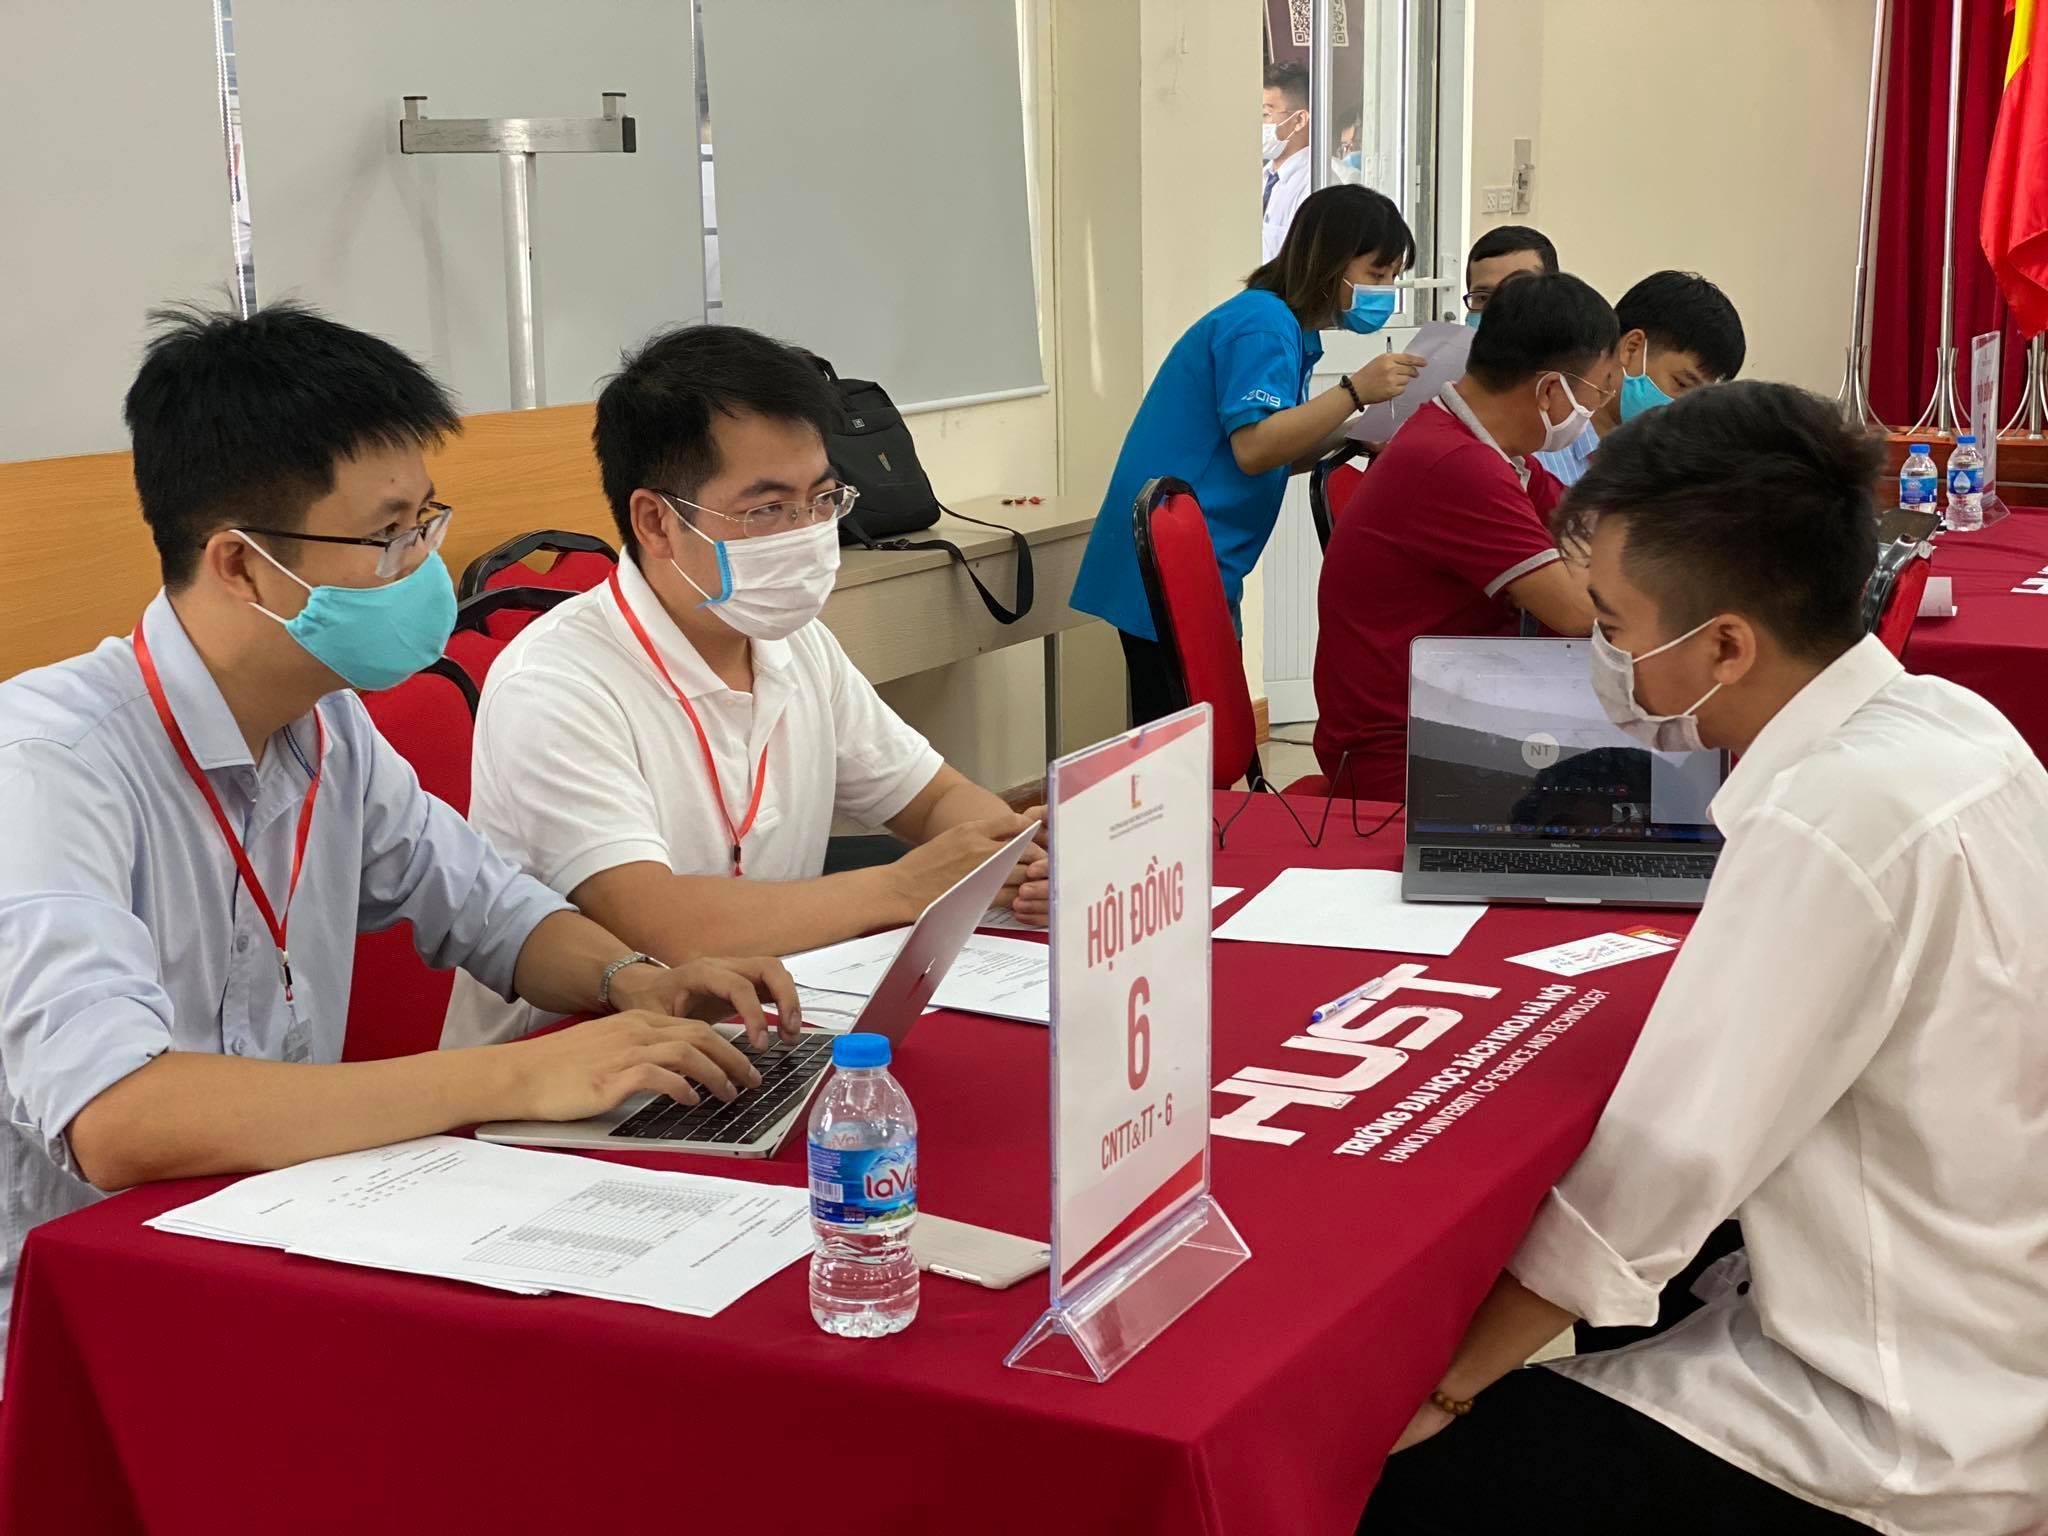 Trường Bách khoa phỏng vấn online hơn 500 thí sinh để xét thẳng vào Đại học